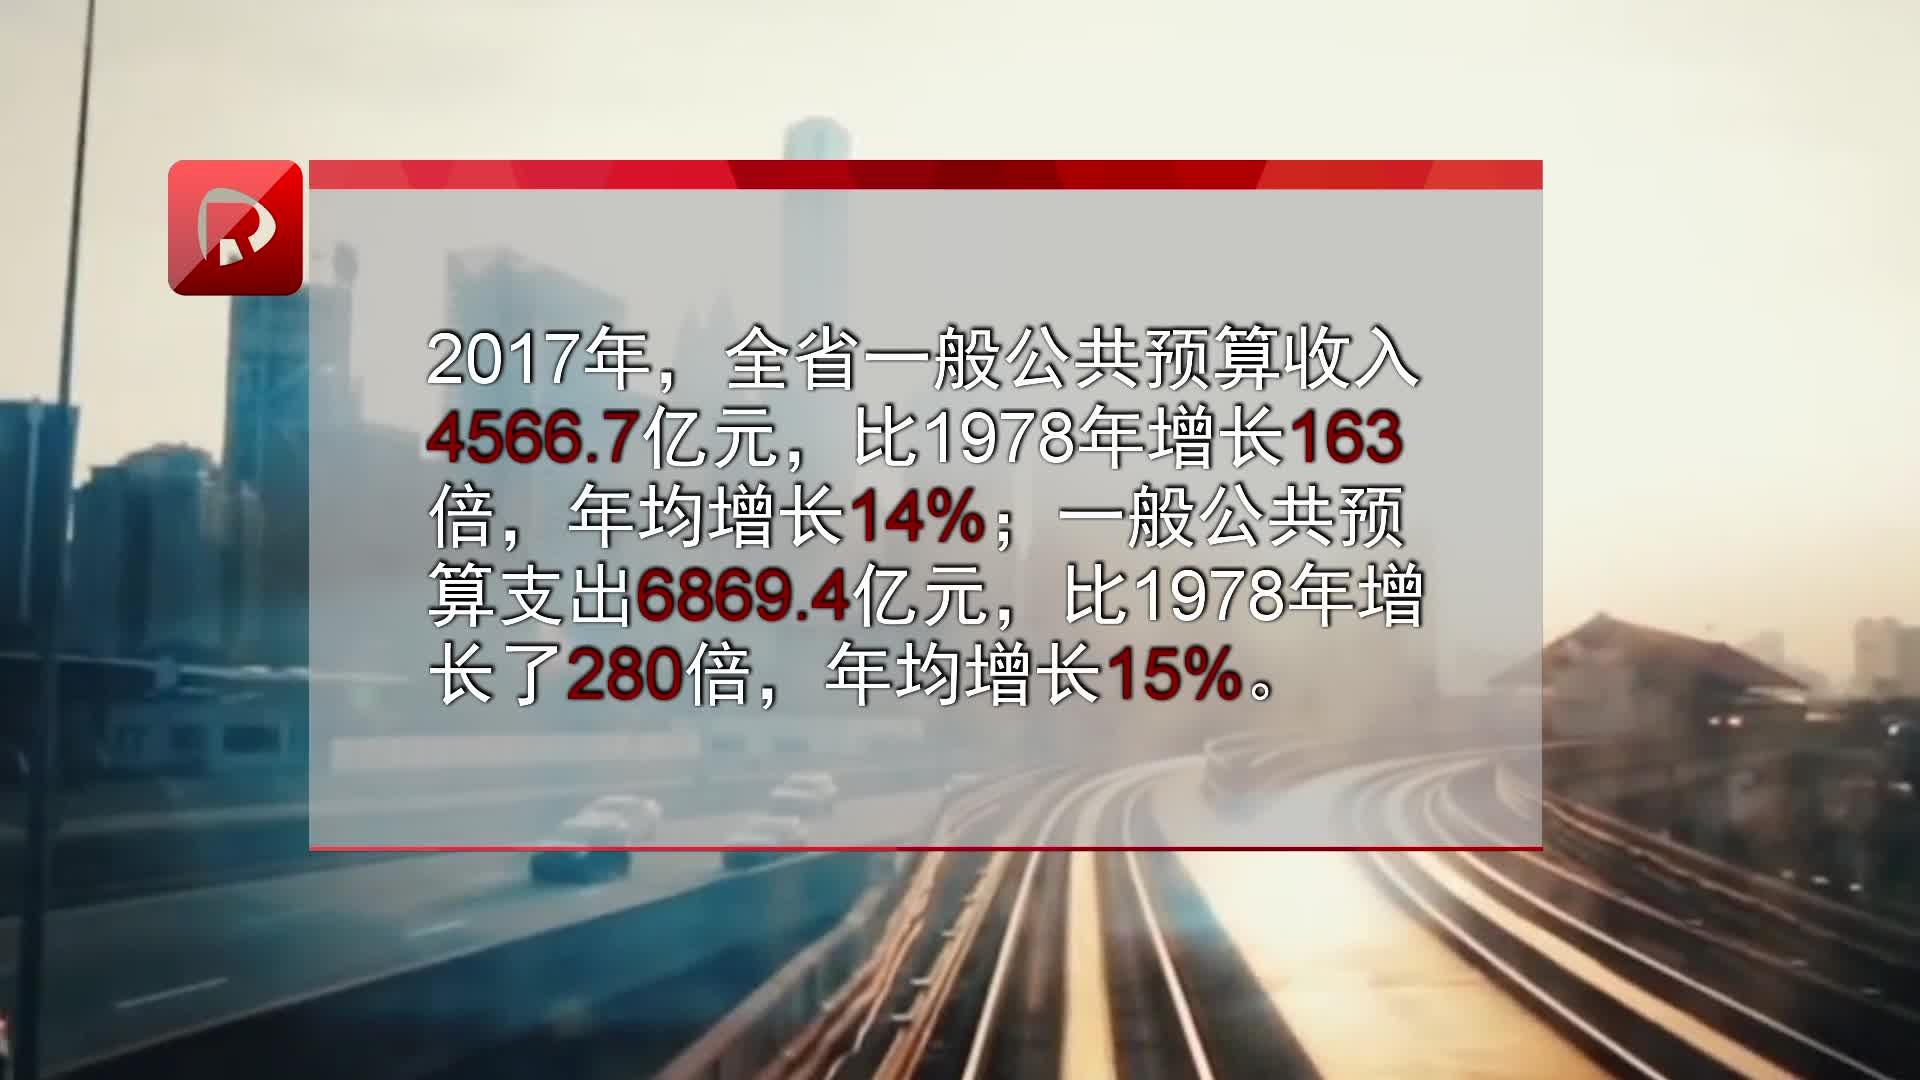 改革开放40年:湖南财政收入增长163倍